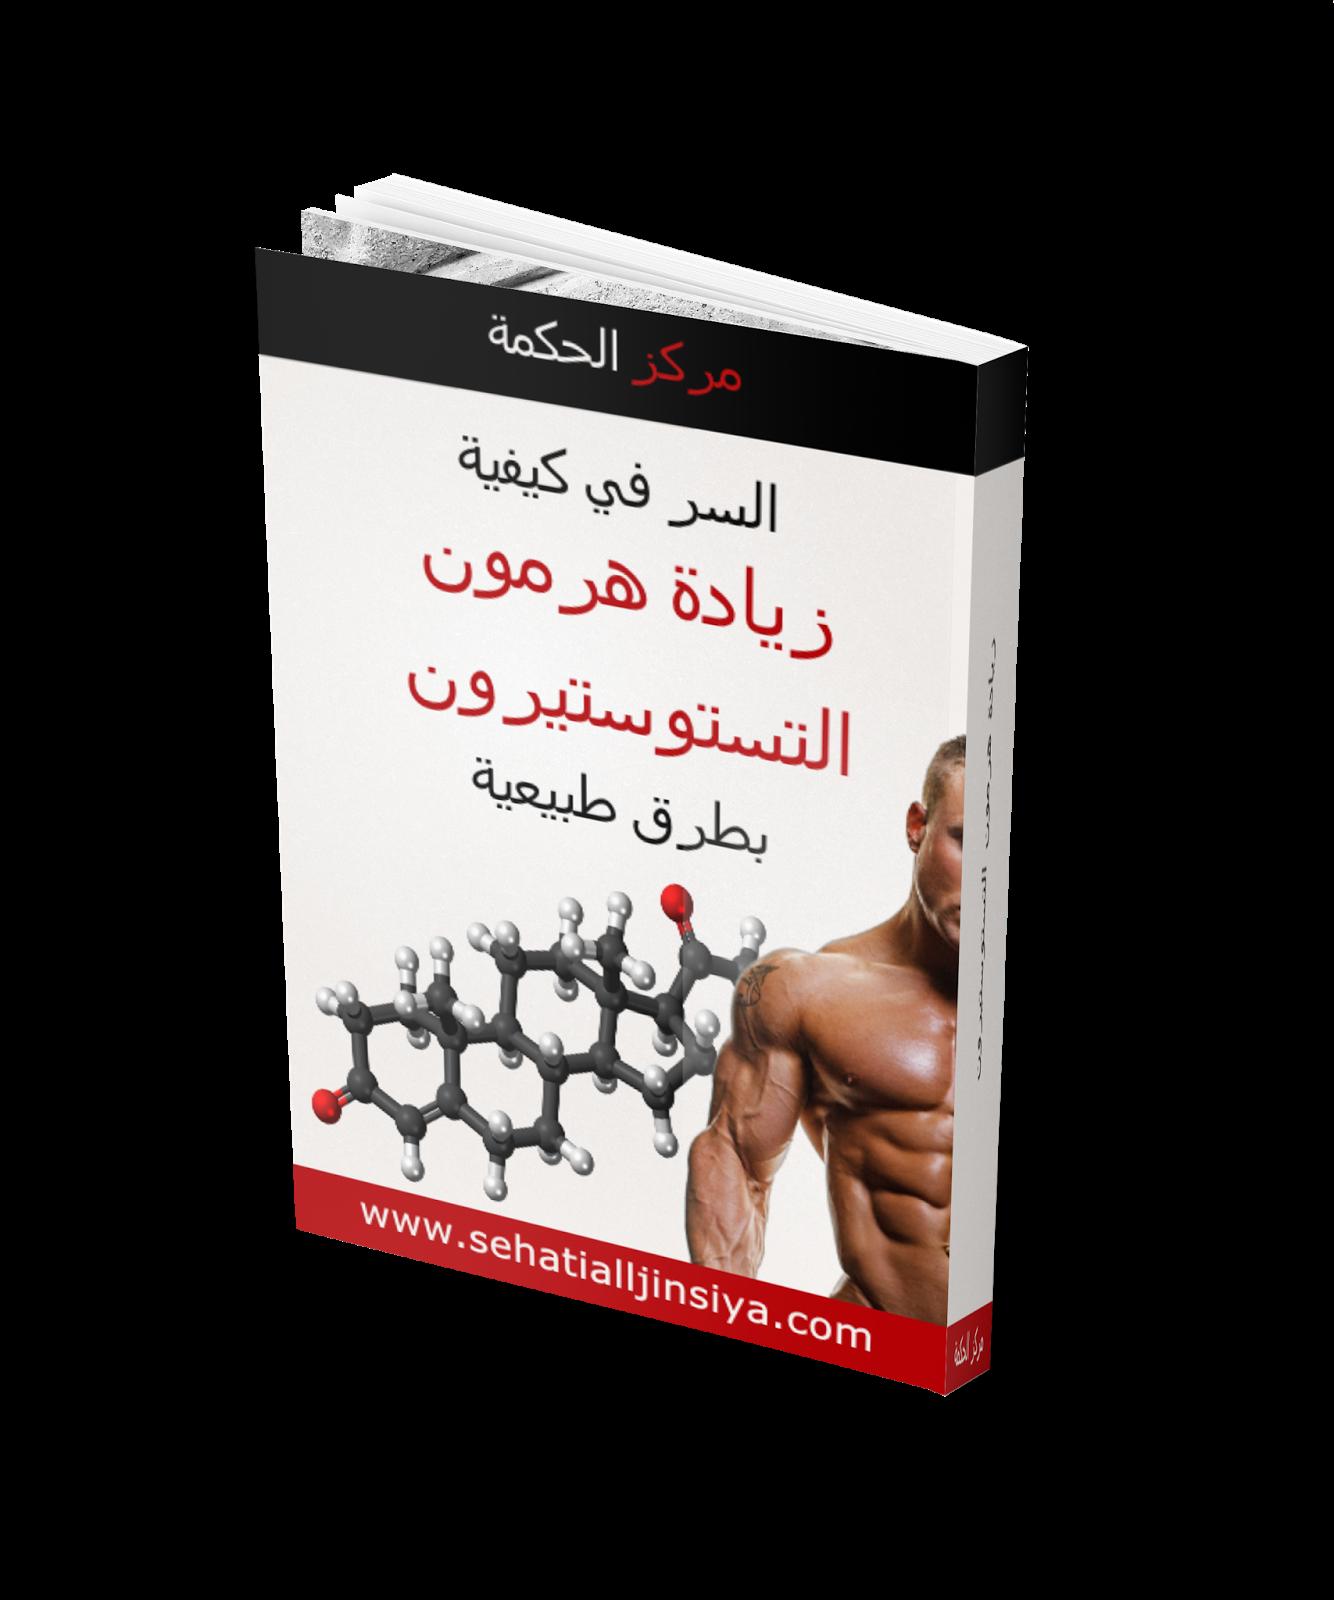 c9f594439c5a5 2017 ~ منتجات التجميل الطبيعية و العلاج الطبيعي بالأعشاب الطبية